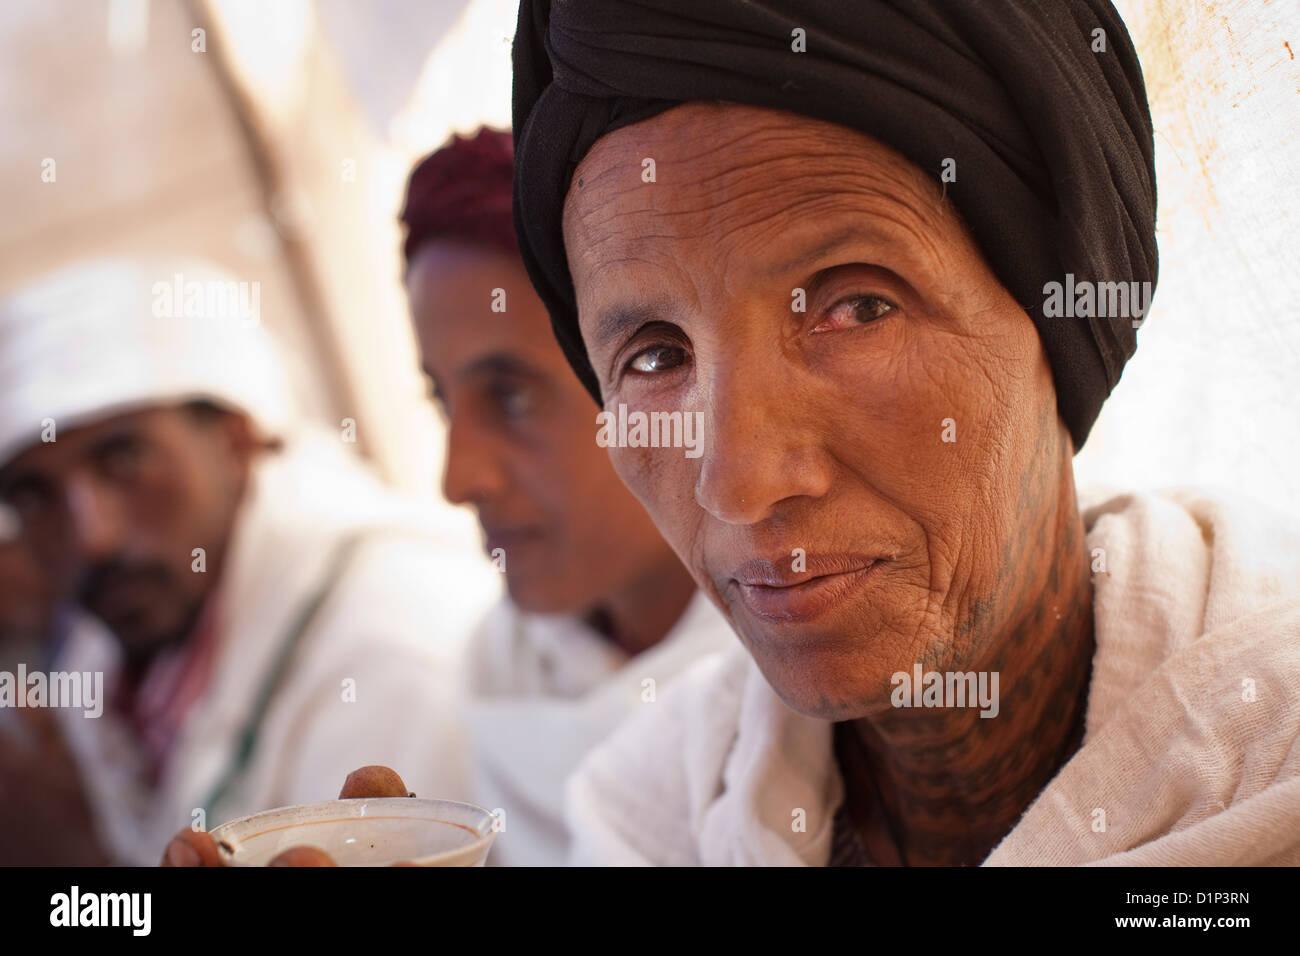 Frau im traditionellen Othodox Kleid mit Gesichts-Tattoos in Debre Markos, Äthiopien. Stockbild